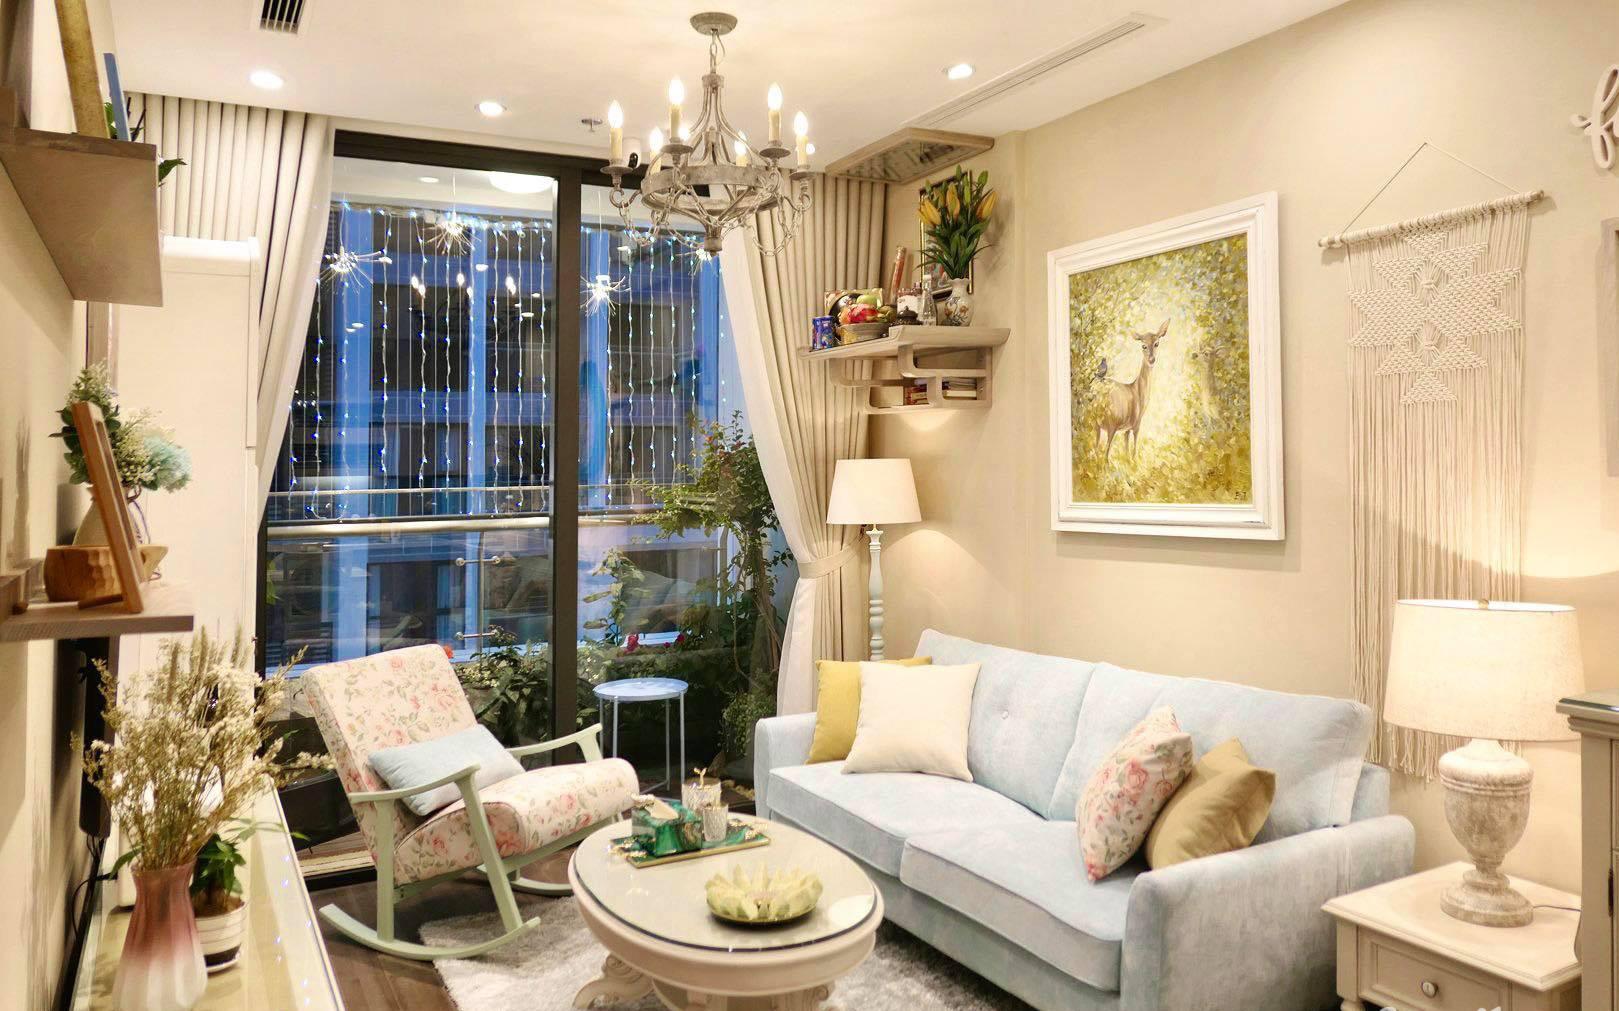 """Căn hộ 70m² decor siêu dễ thương được chủ nhà hoàn thiện """"vội"""" trong 1 tuần ở Hà Nội"""